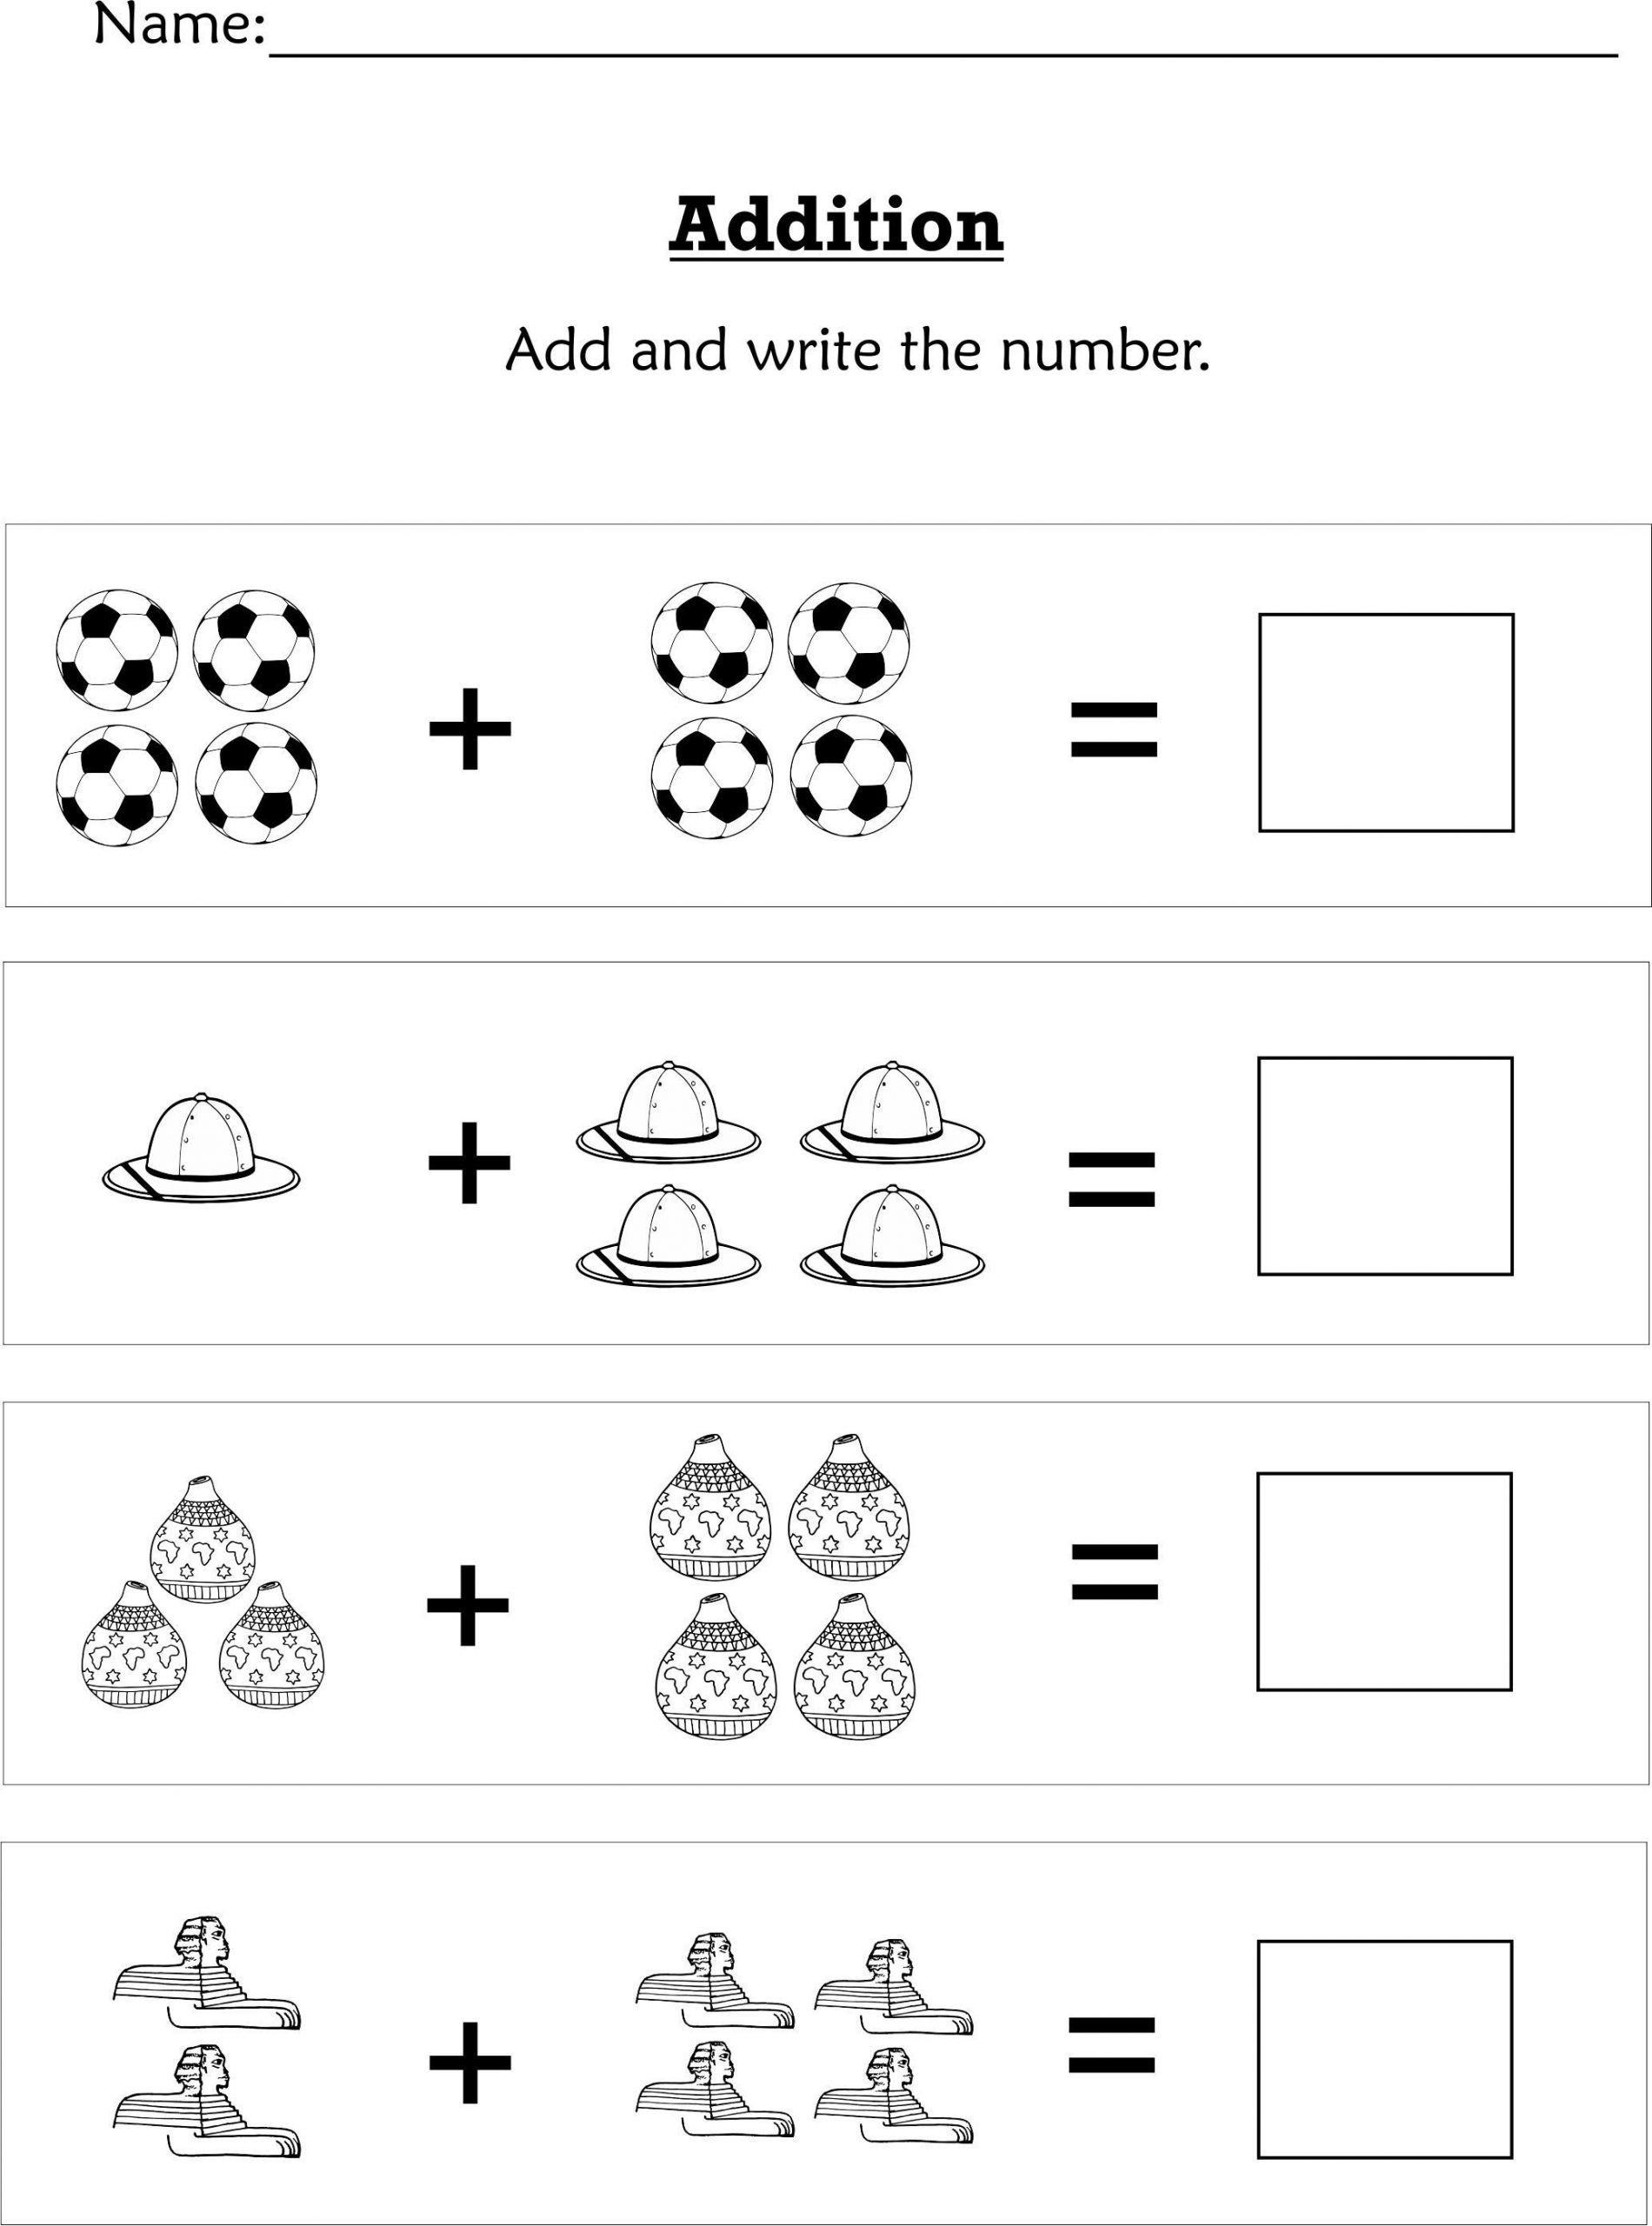 Worksheet ~ Worksheet Preschoolets Age Body Parts For